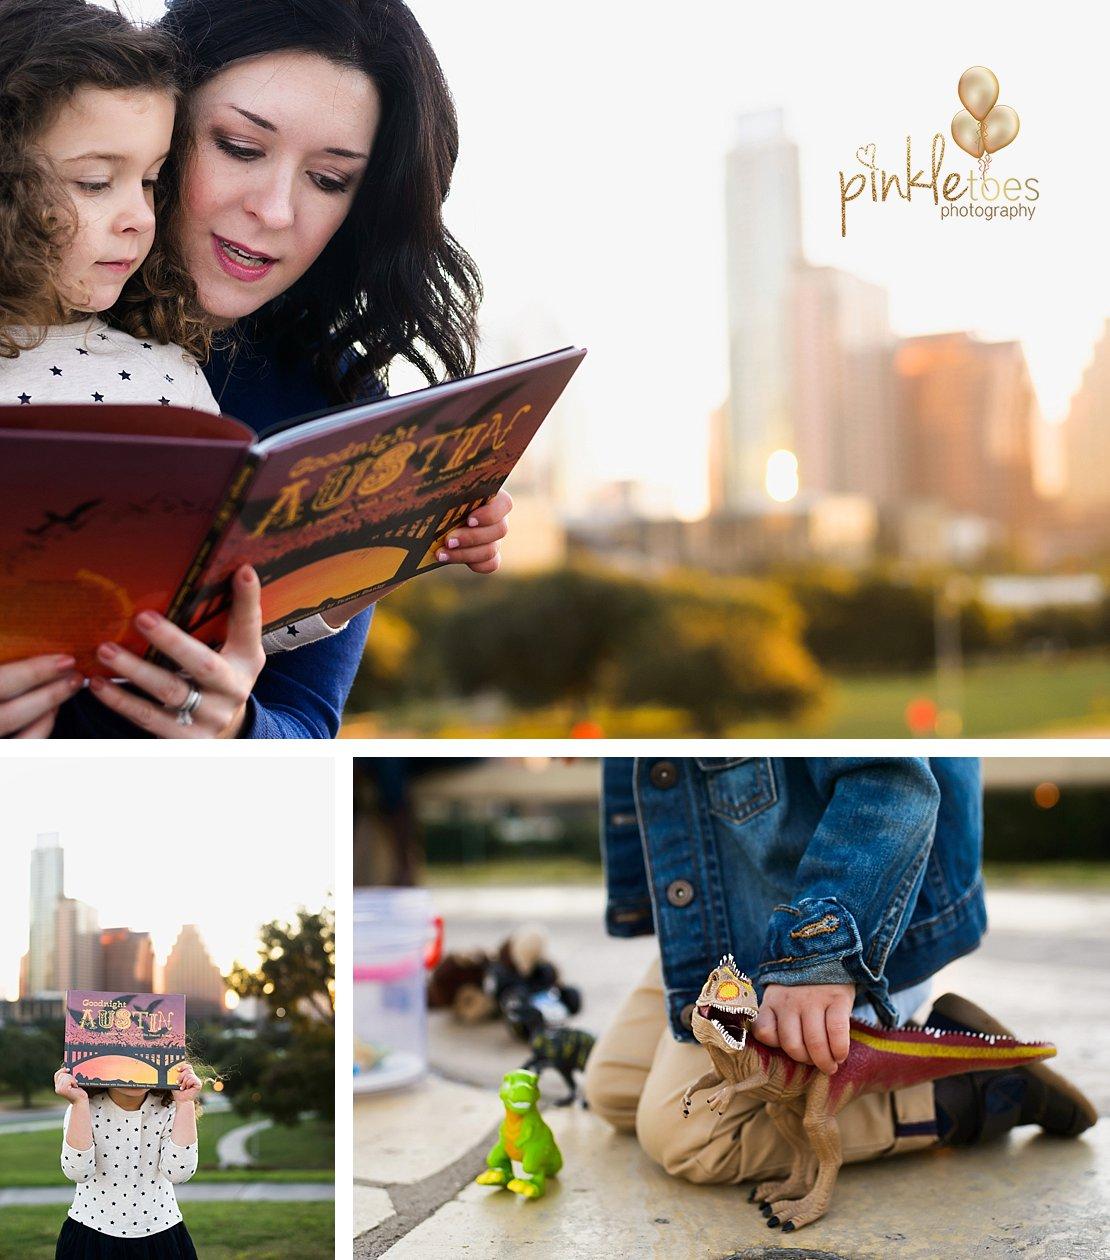 austin-family-lifestyle-city-urban-kids-photographer-003